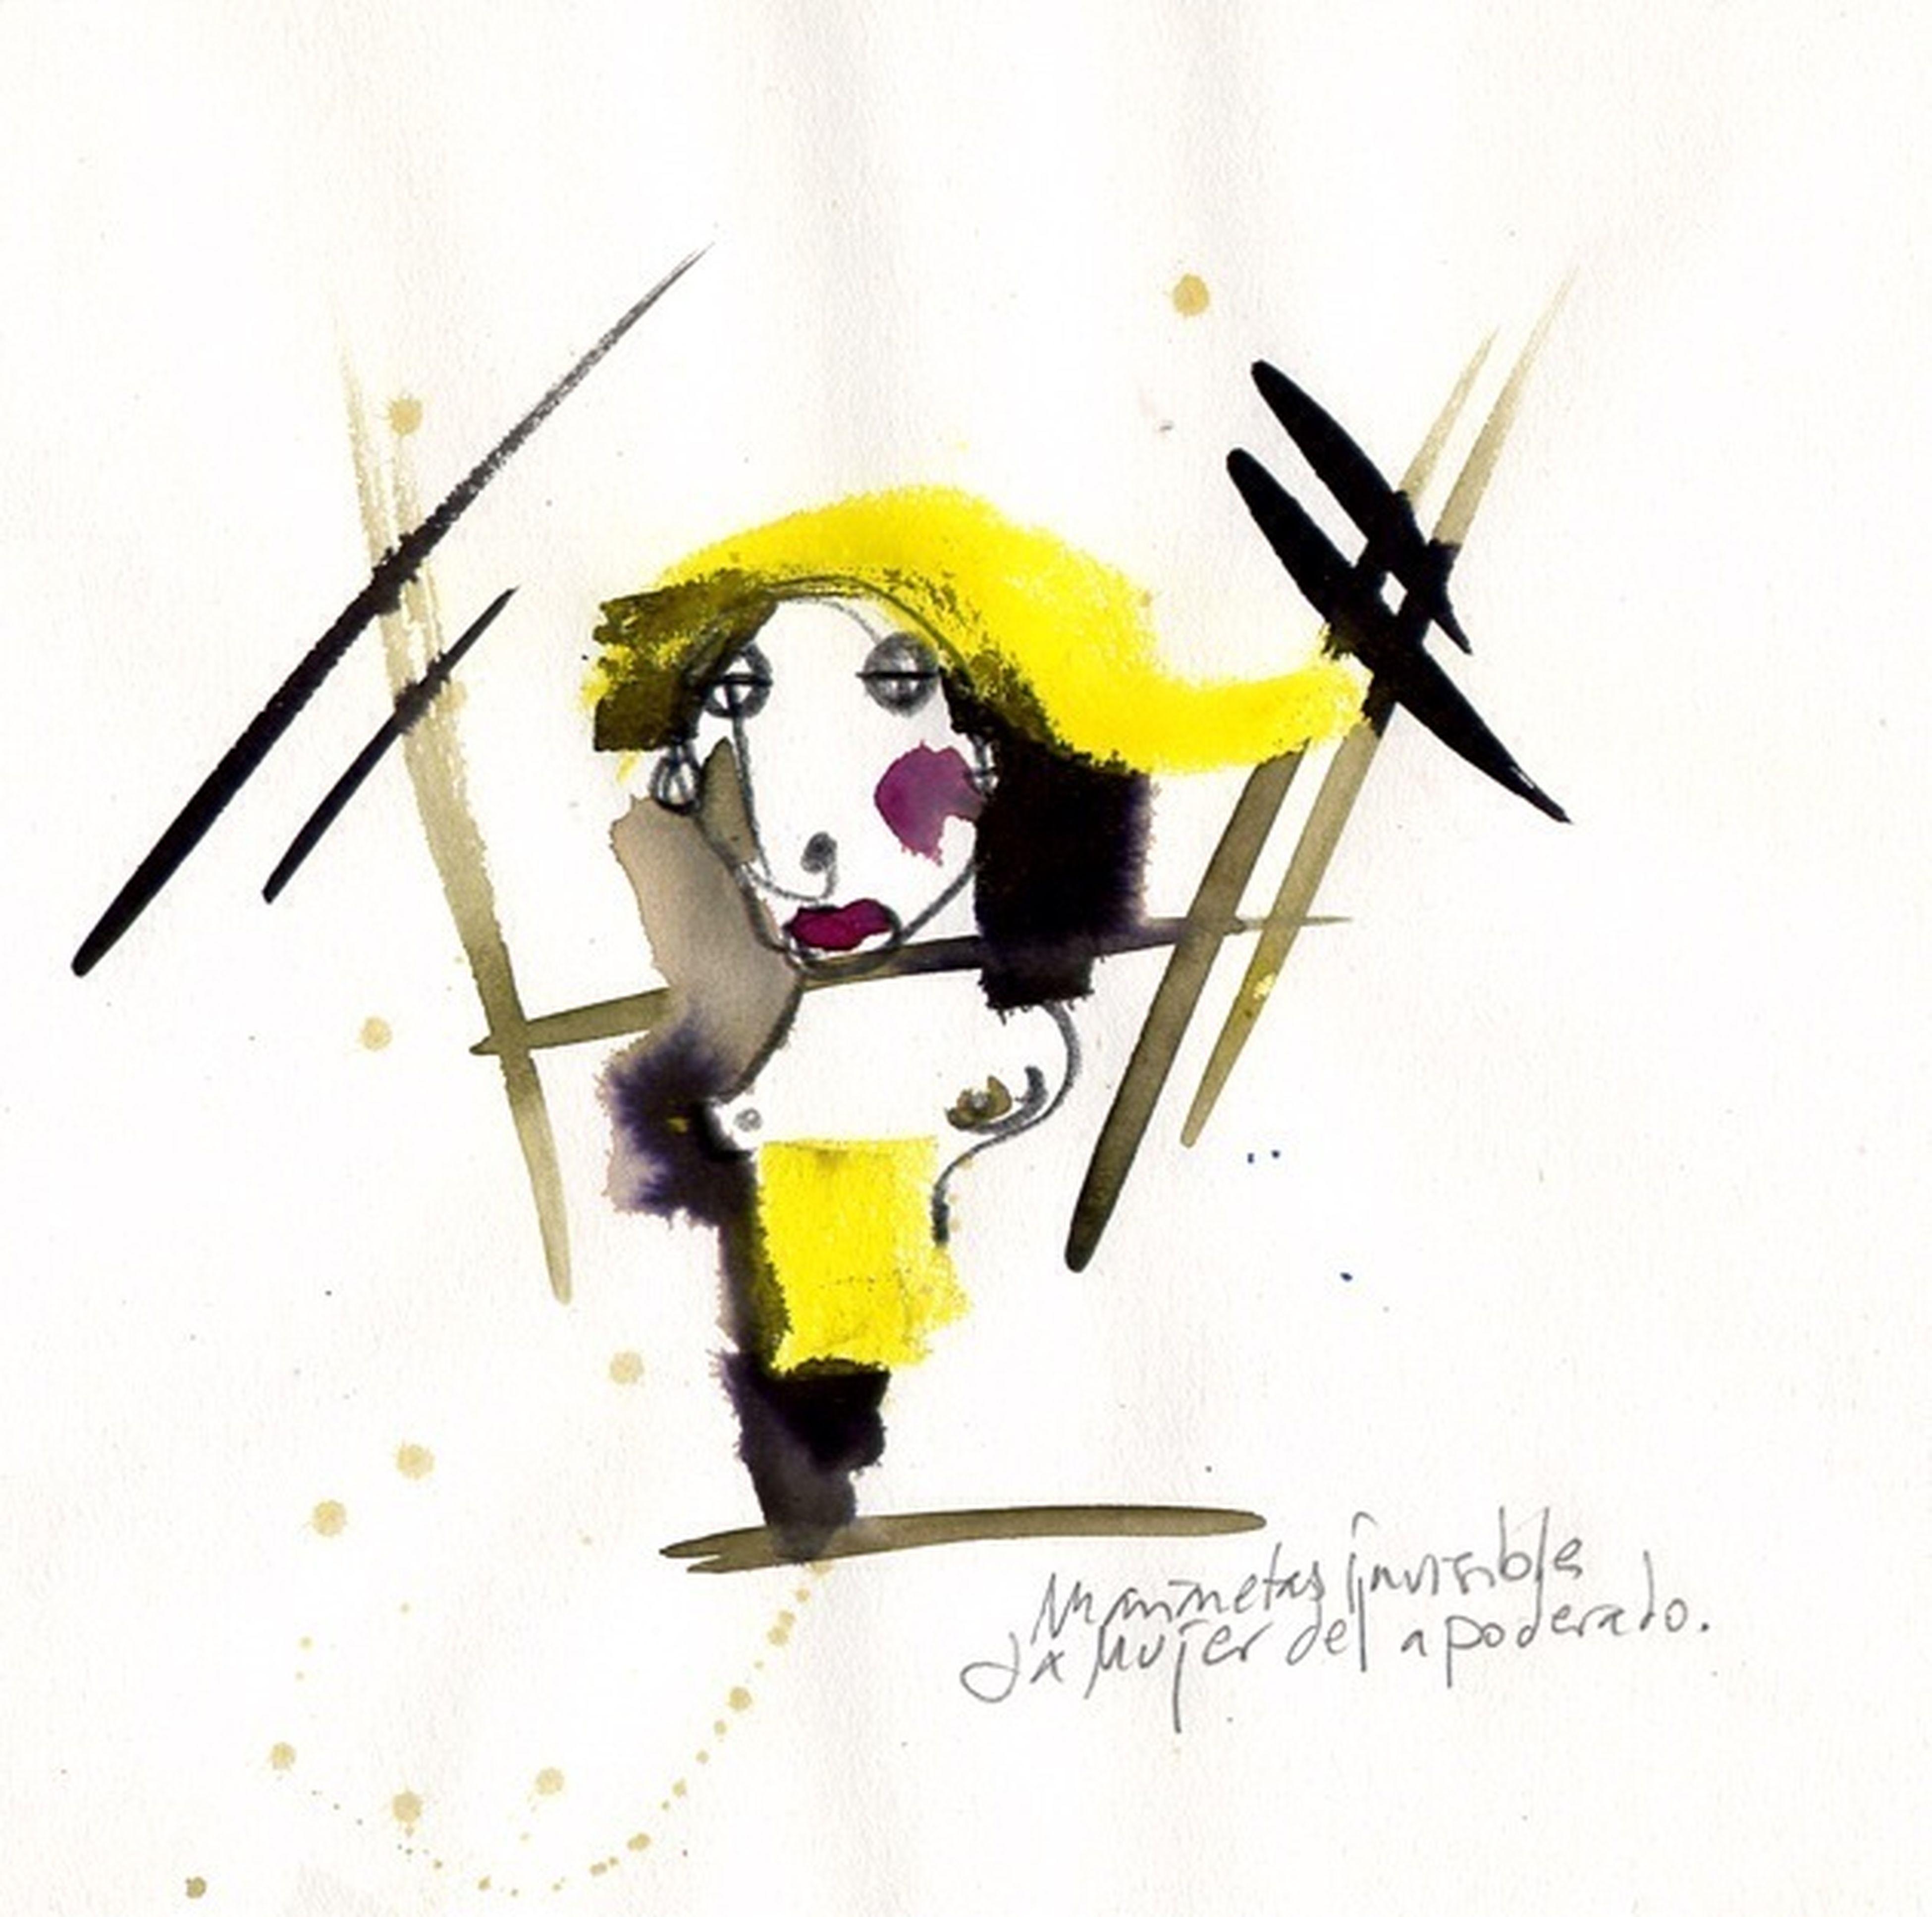 Las Marionetas Invisibles. Invisible Puppets. La Hija Del Apoderado